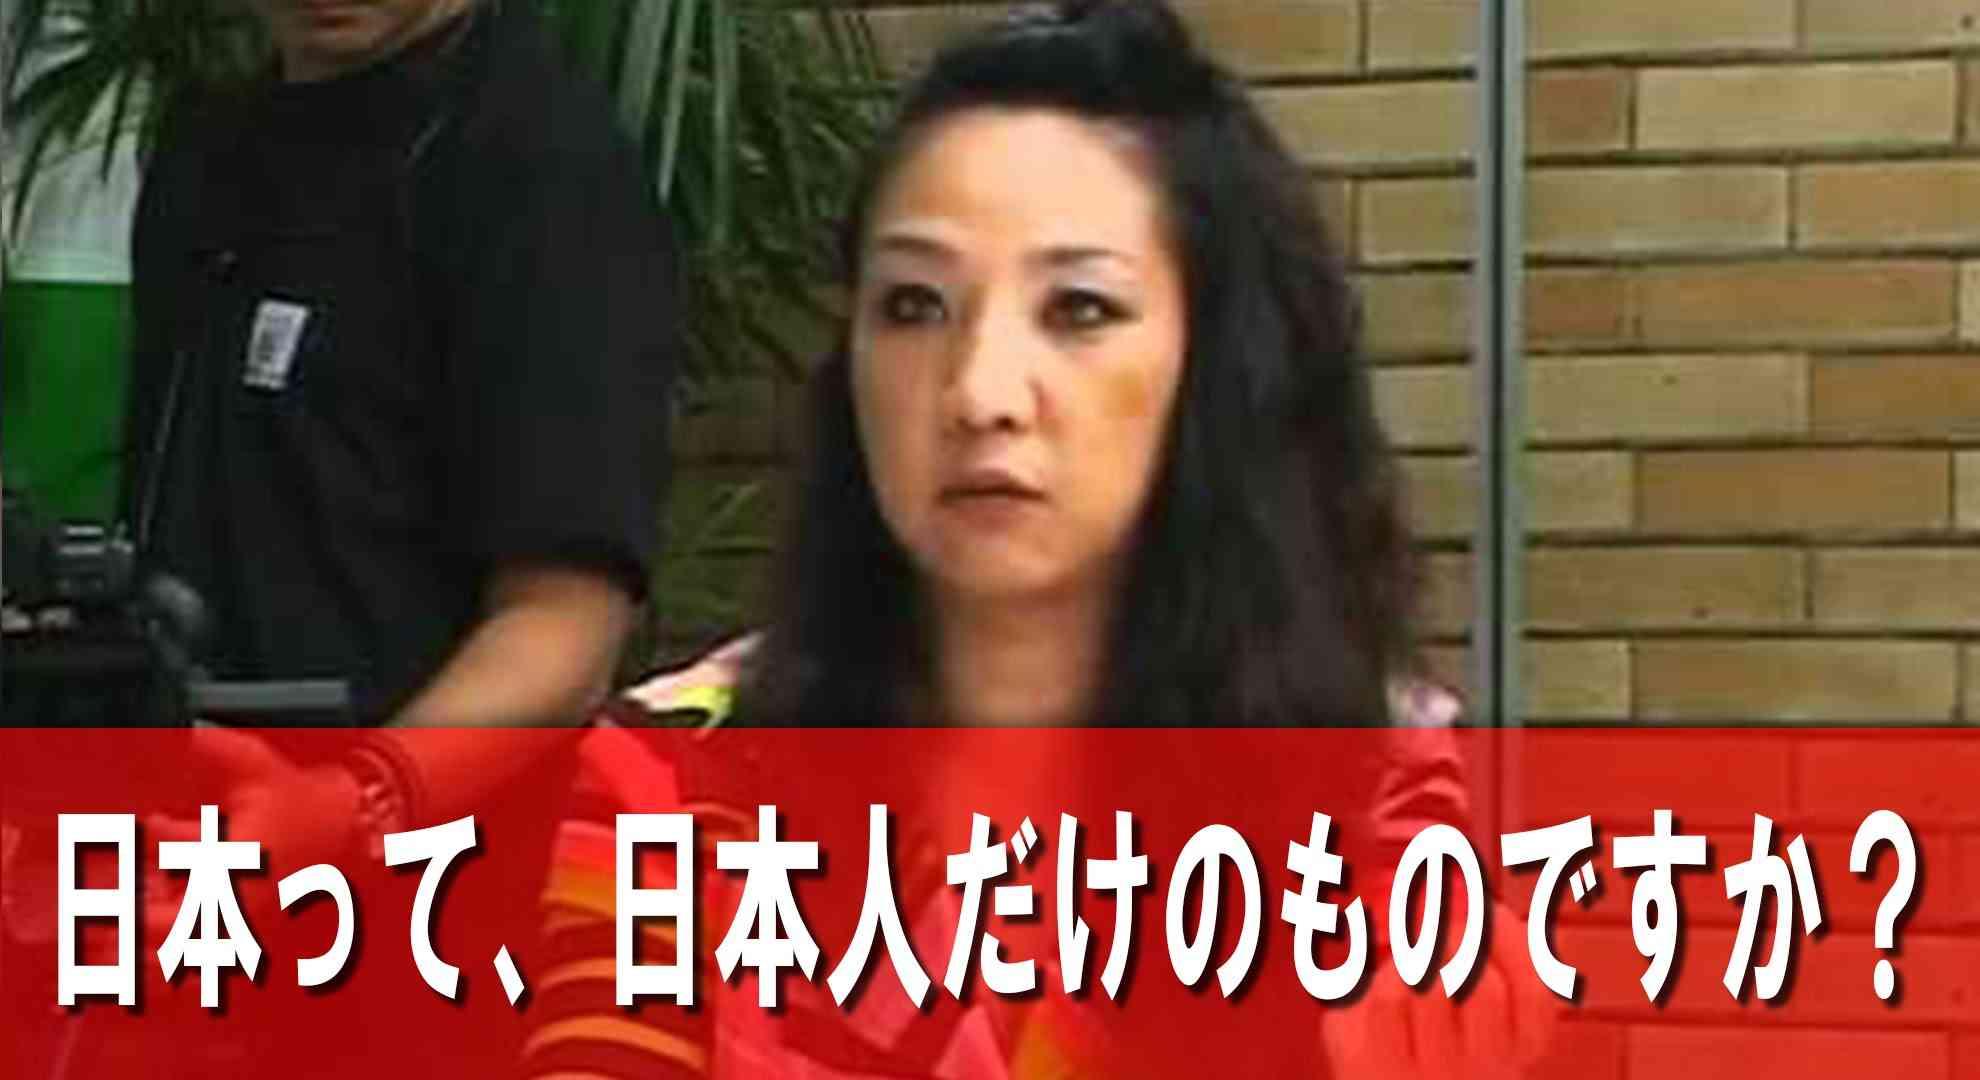 【在日韓国人】李信恵の驚愕の思考「日本人にはなりたくないけど・・」